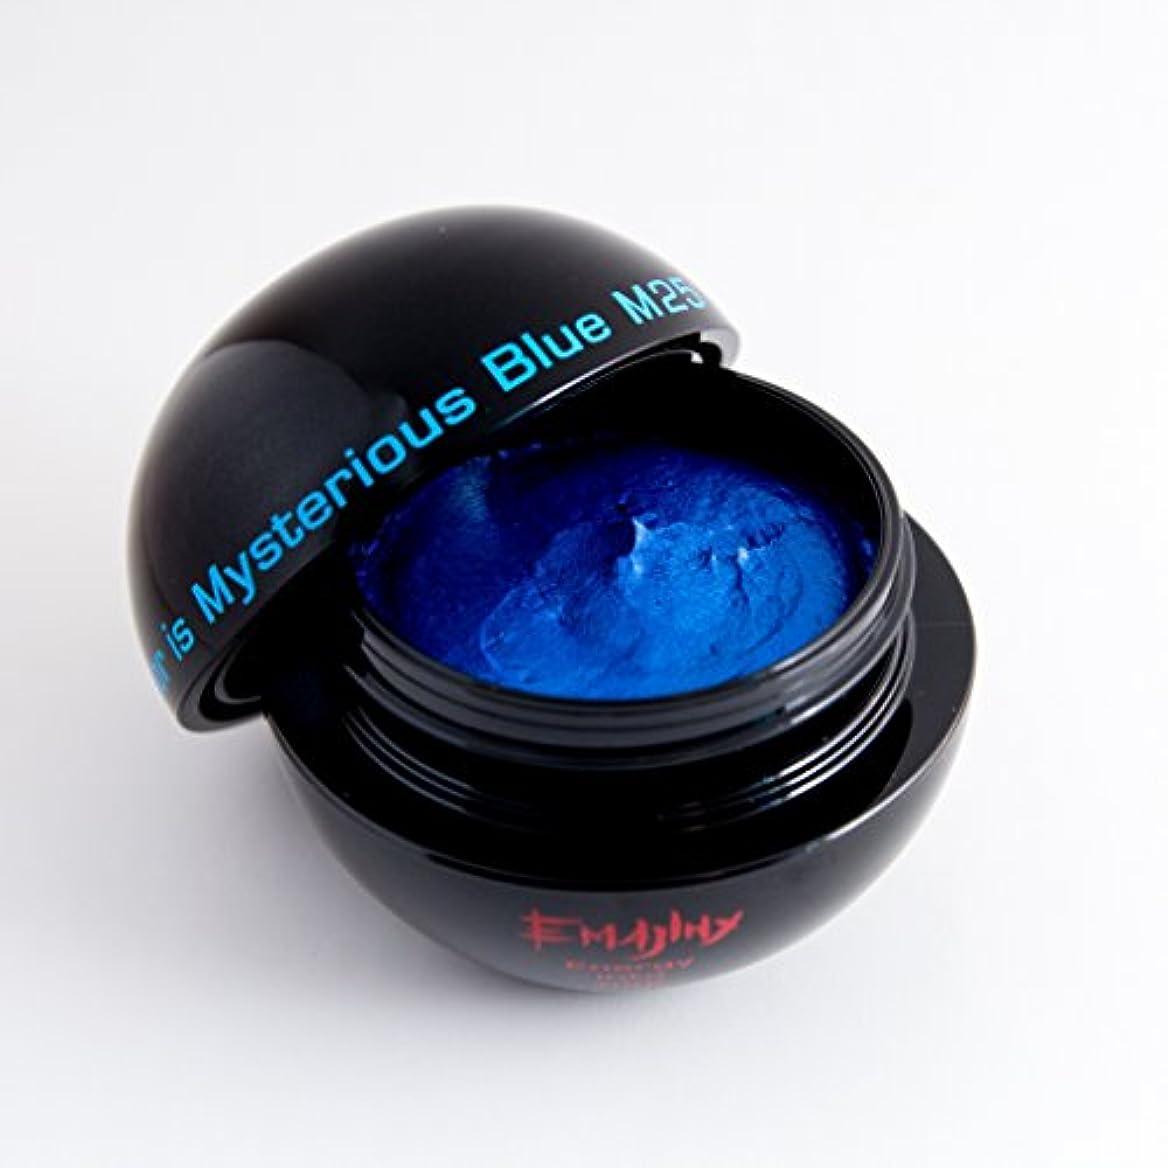 ジュニア法王上院議員【ブラックフライデー50%OFF】 Mysterious Blue M25(ブルーカラーワックス)青30g【日本製】【無香料】